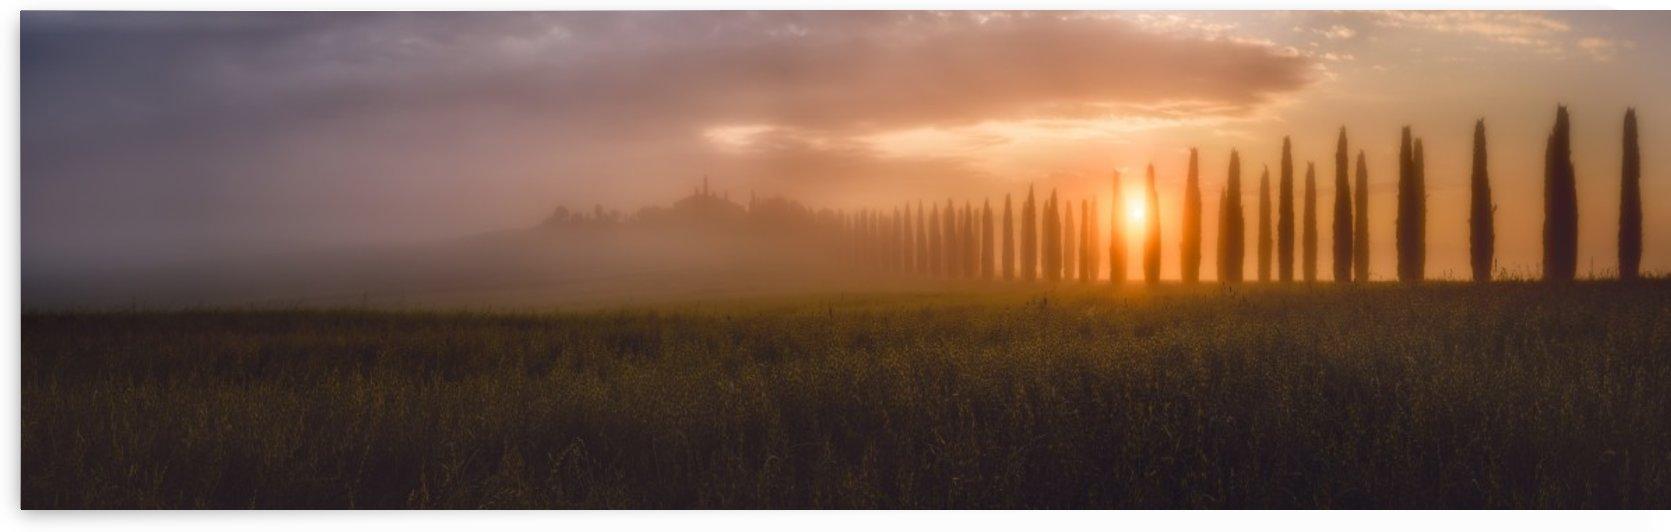 Tuscany Sunrising by 1x